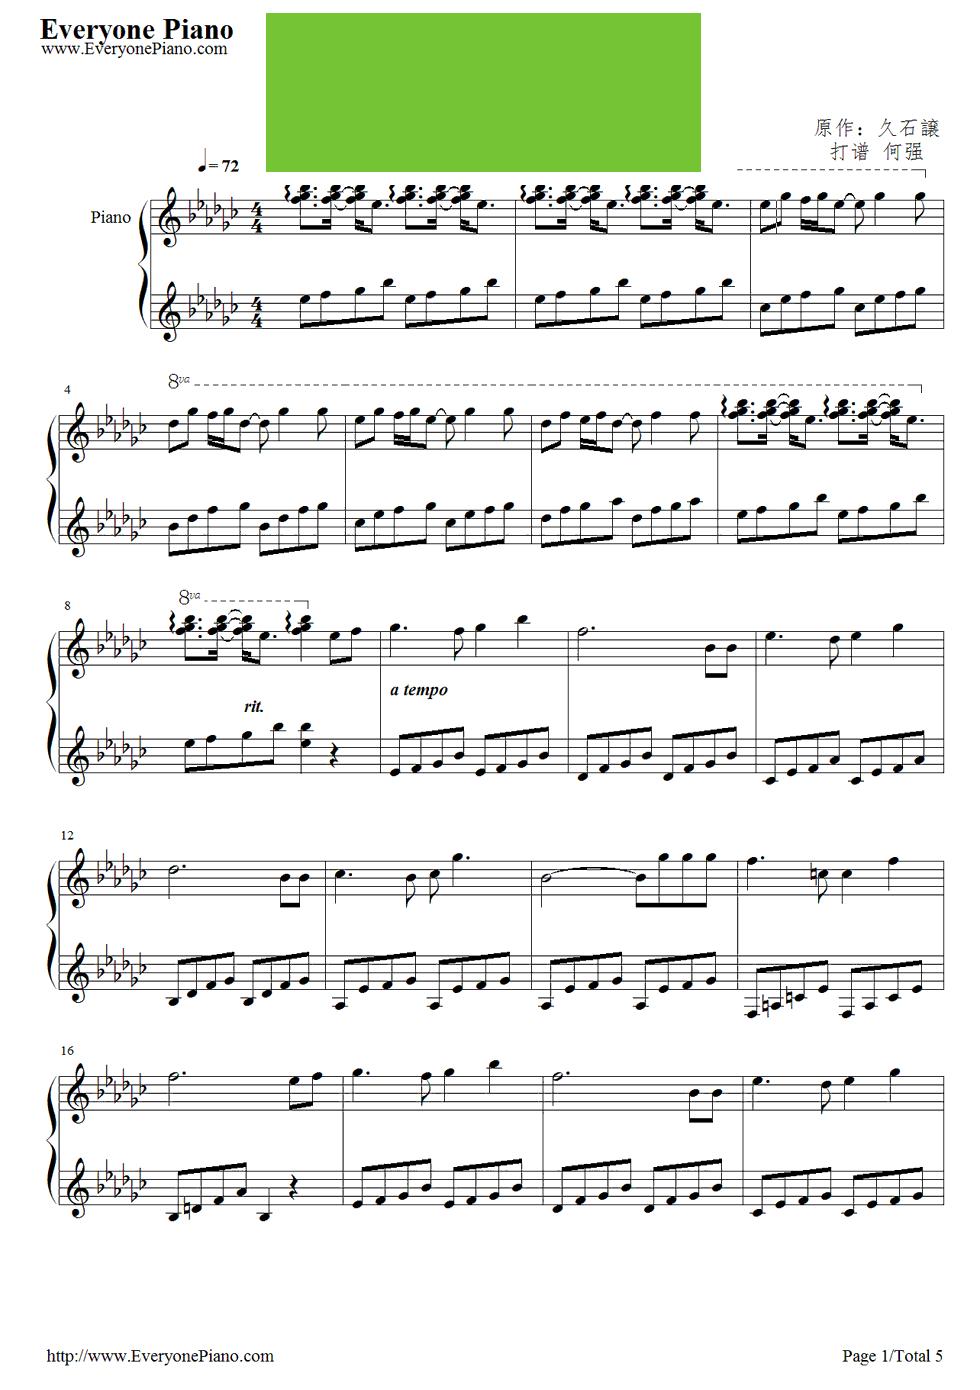 《carrying you》(天空之城ed)钢琴谱第1张图片